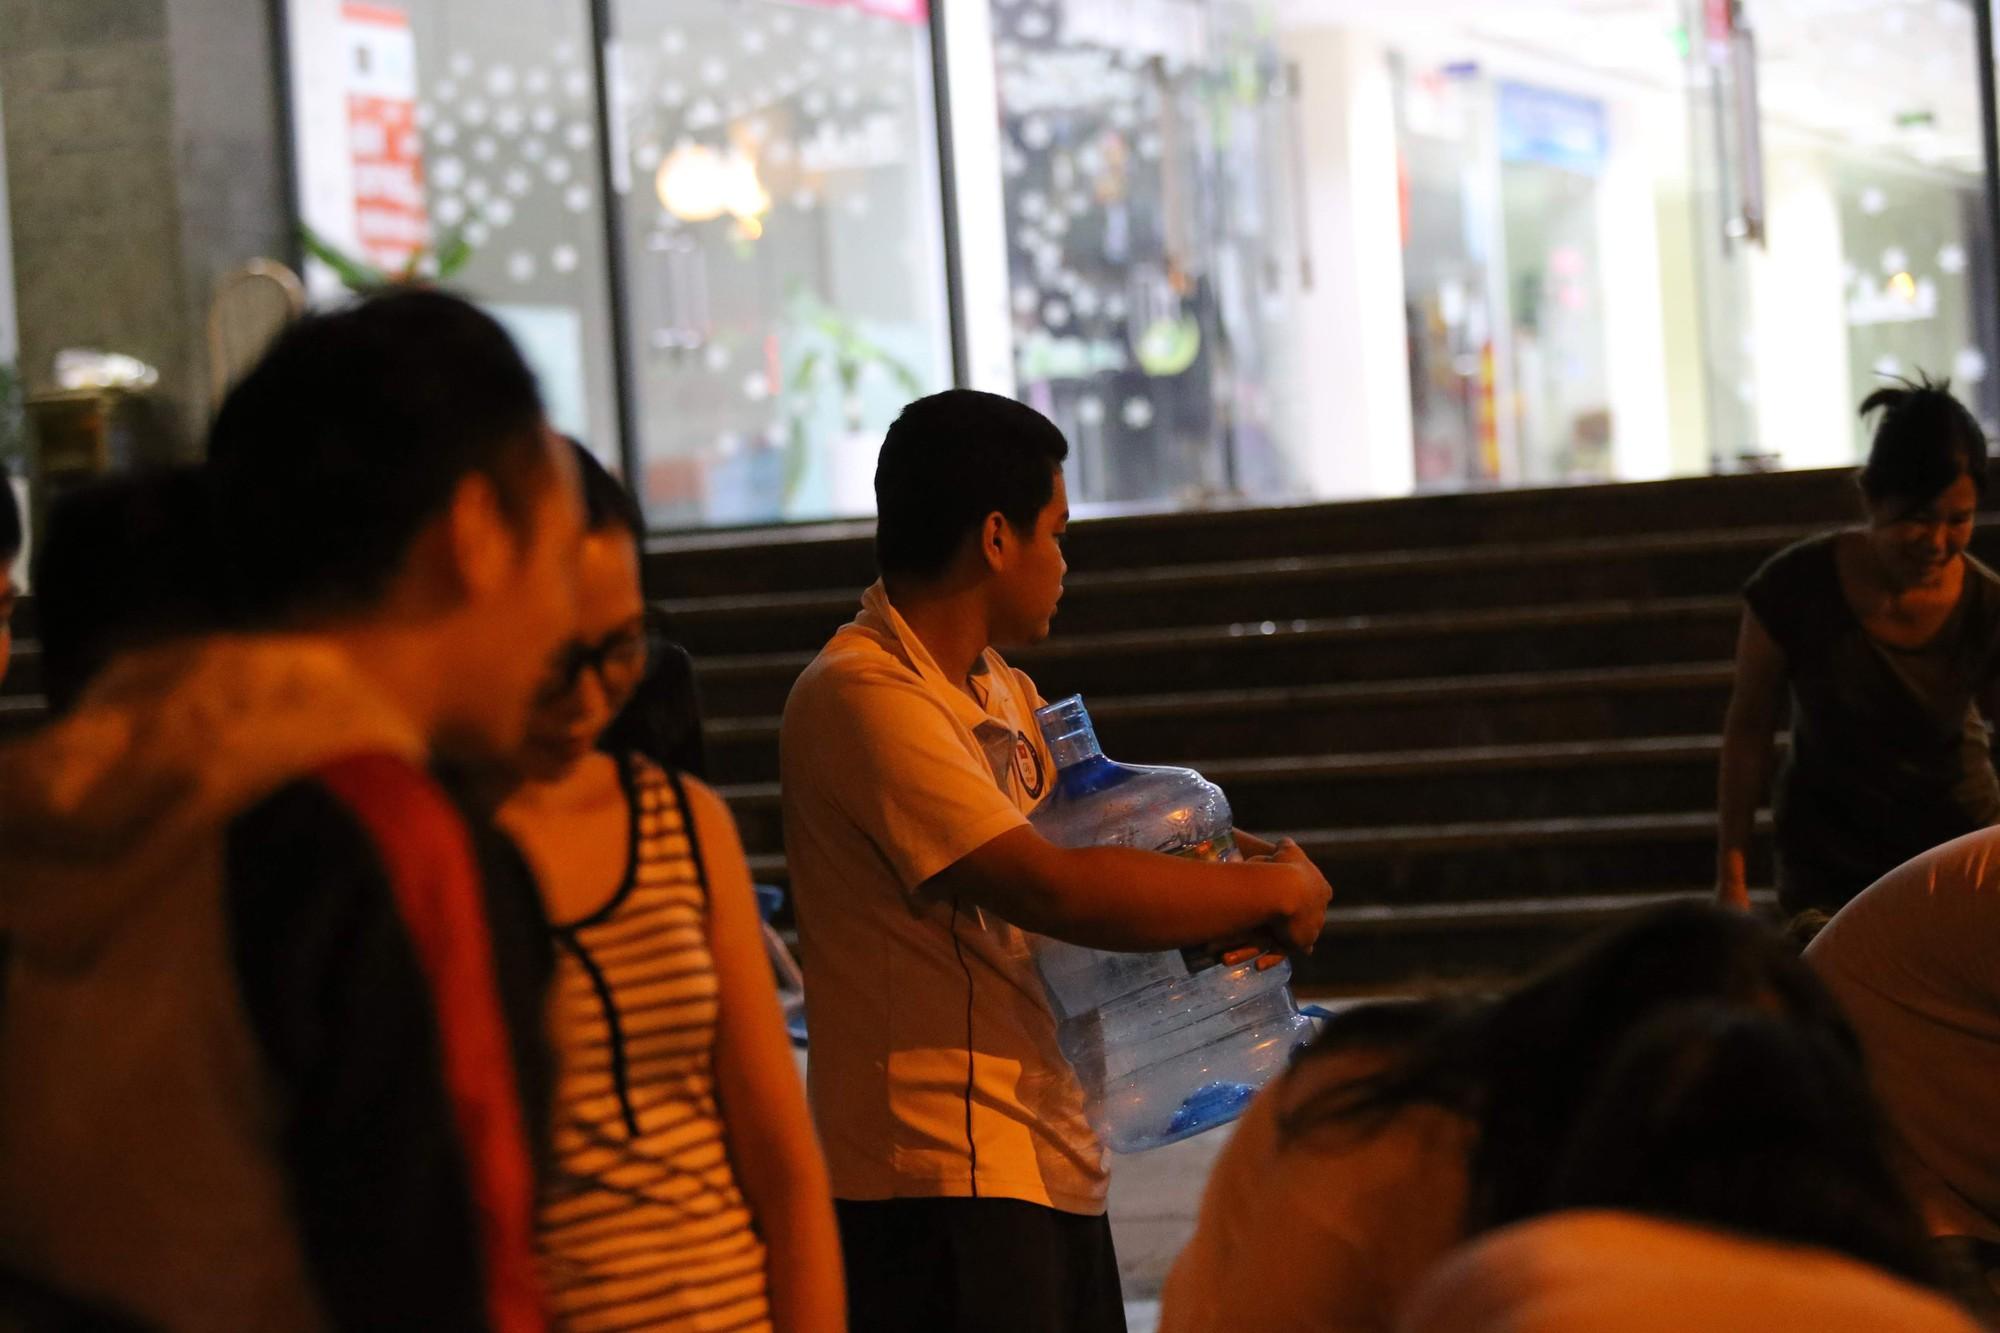 Cám cảnh giữa thủ đô người dân xếp hàng nhận nước sạch trong đêm như thời bao cấp (3)